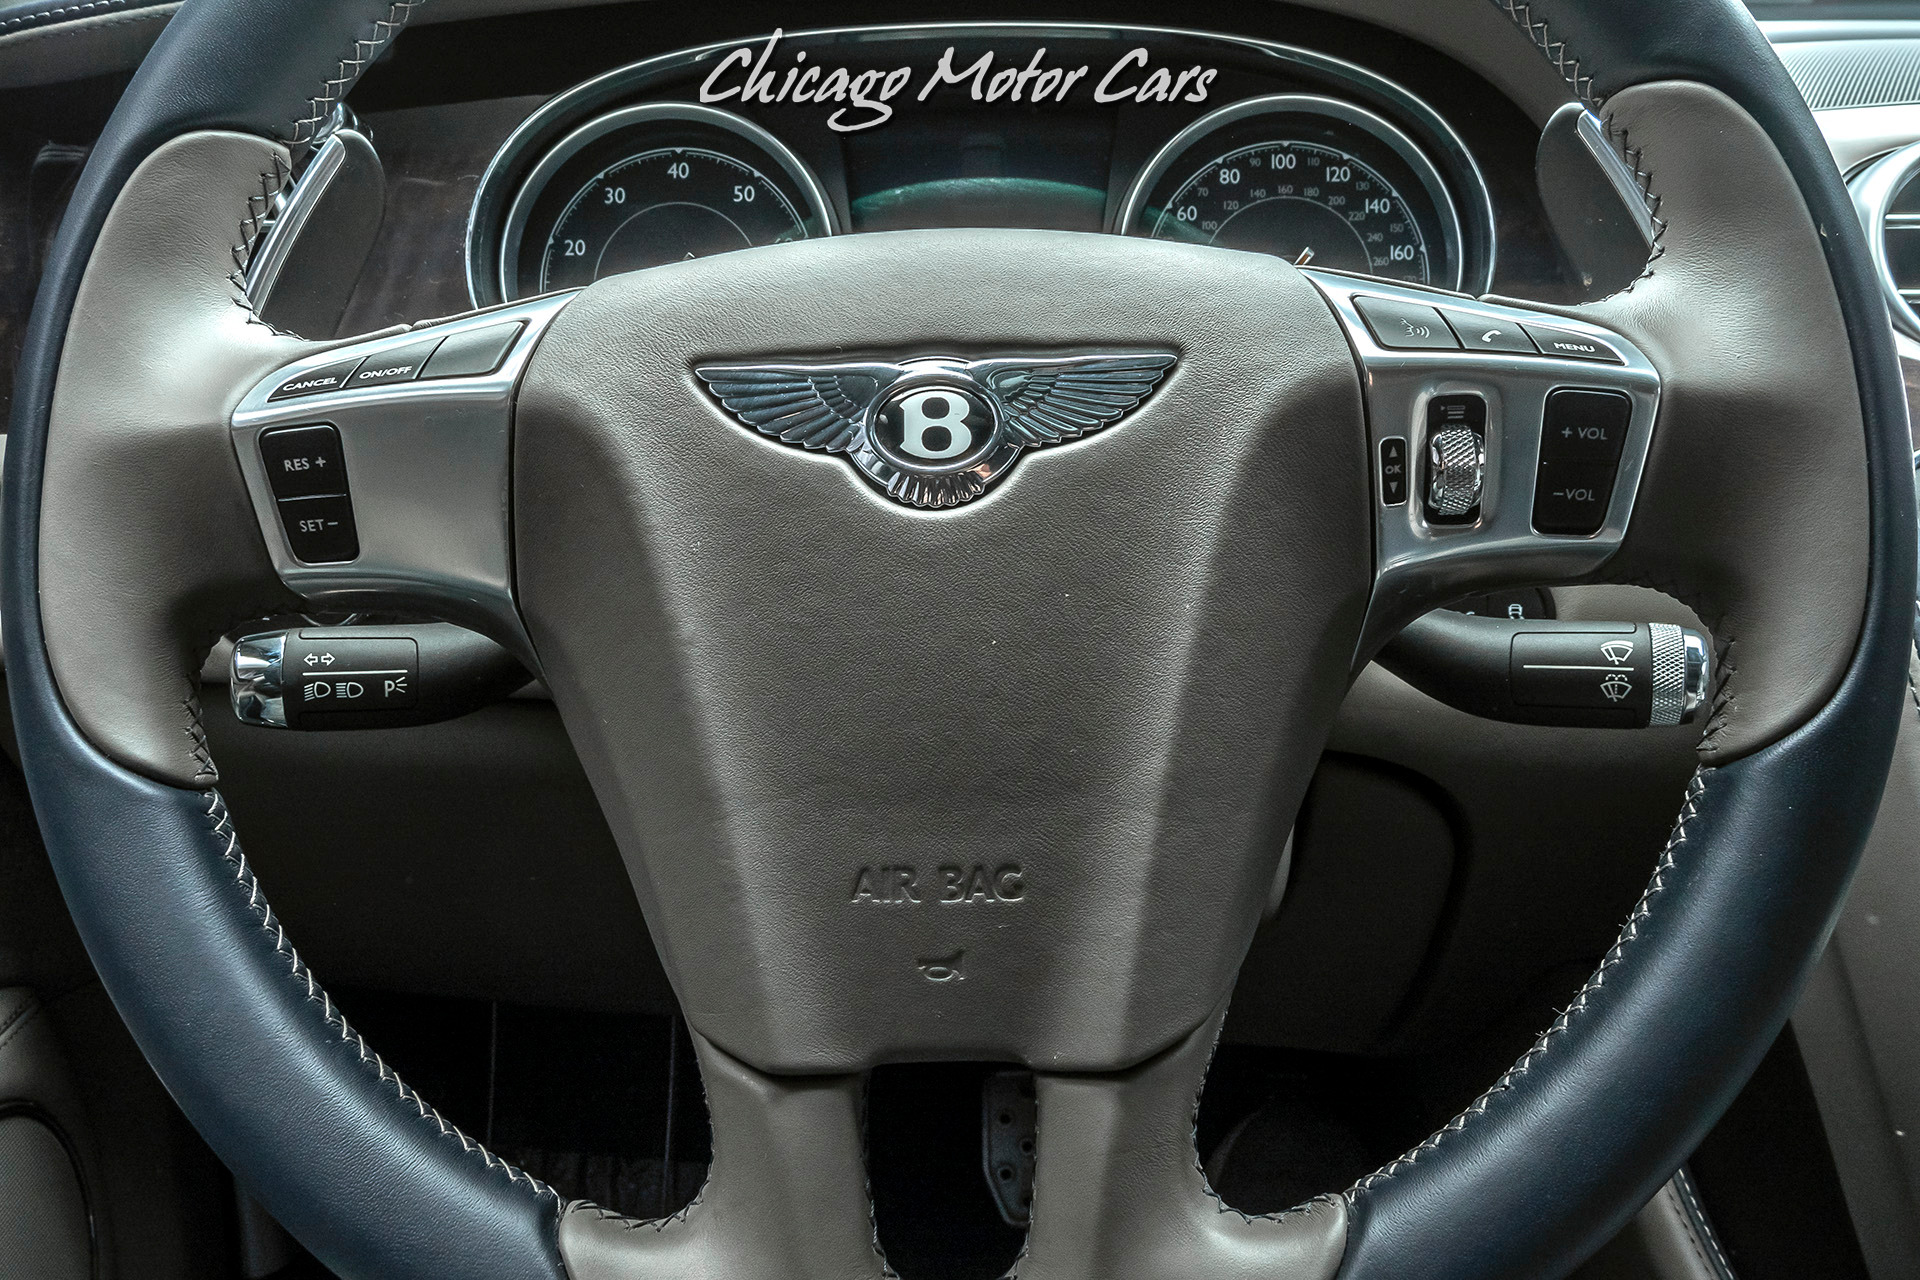 Used-2016-Bentley-Flying-Spur-Sedan-MULLINER-PACKAGE